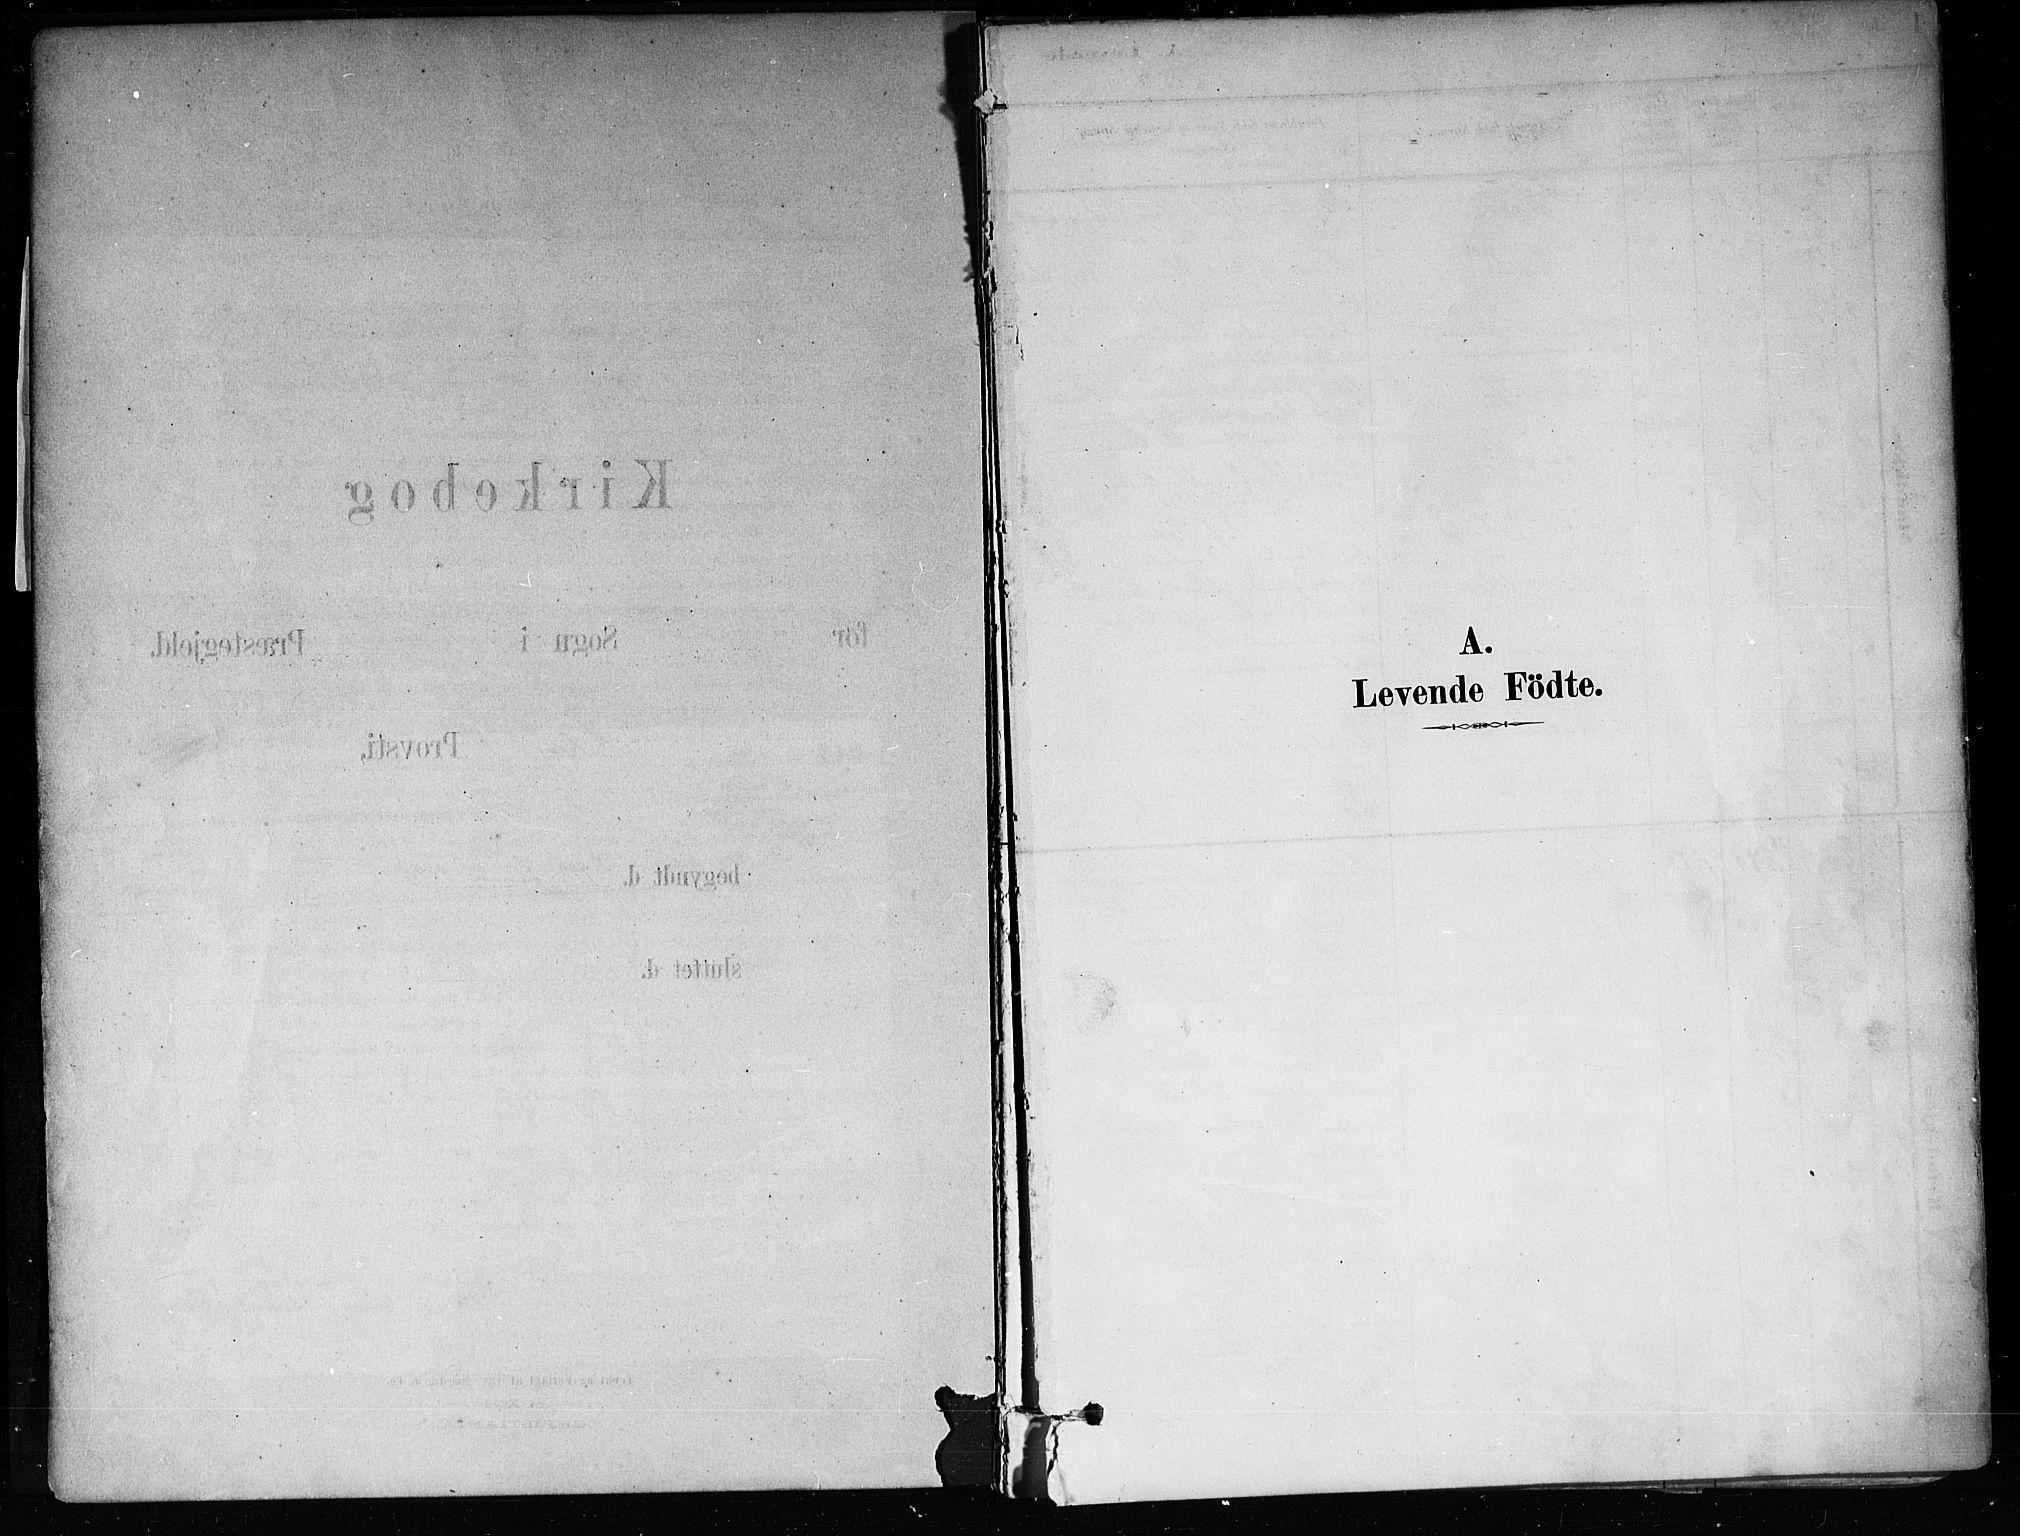 SAKO, Røyken kirkebøker, F/Fa/L0008: Ministerialbok nr. 8, 1880-1897